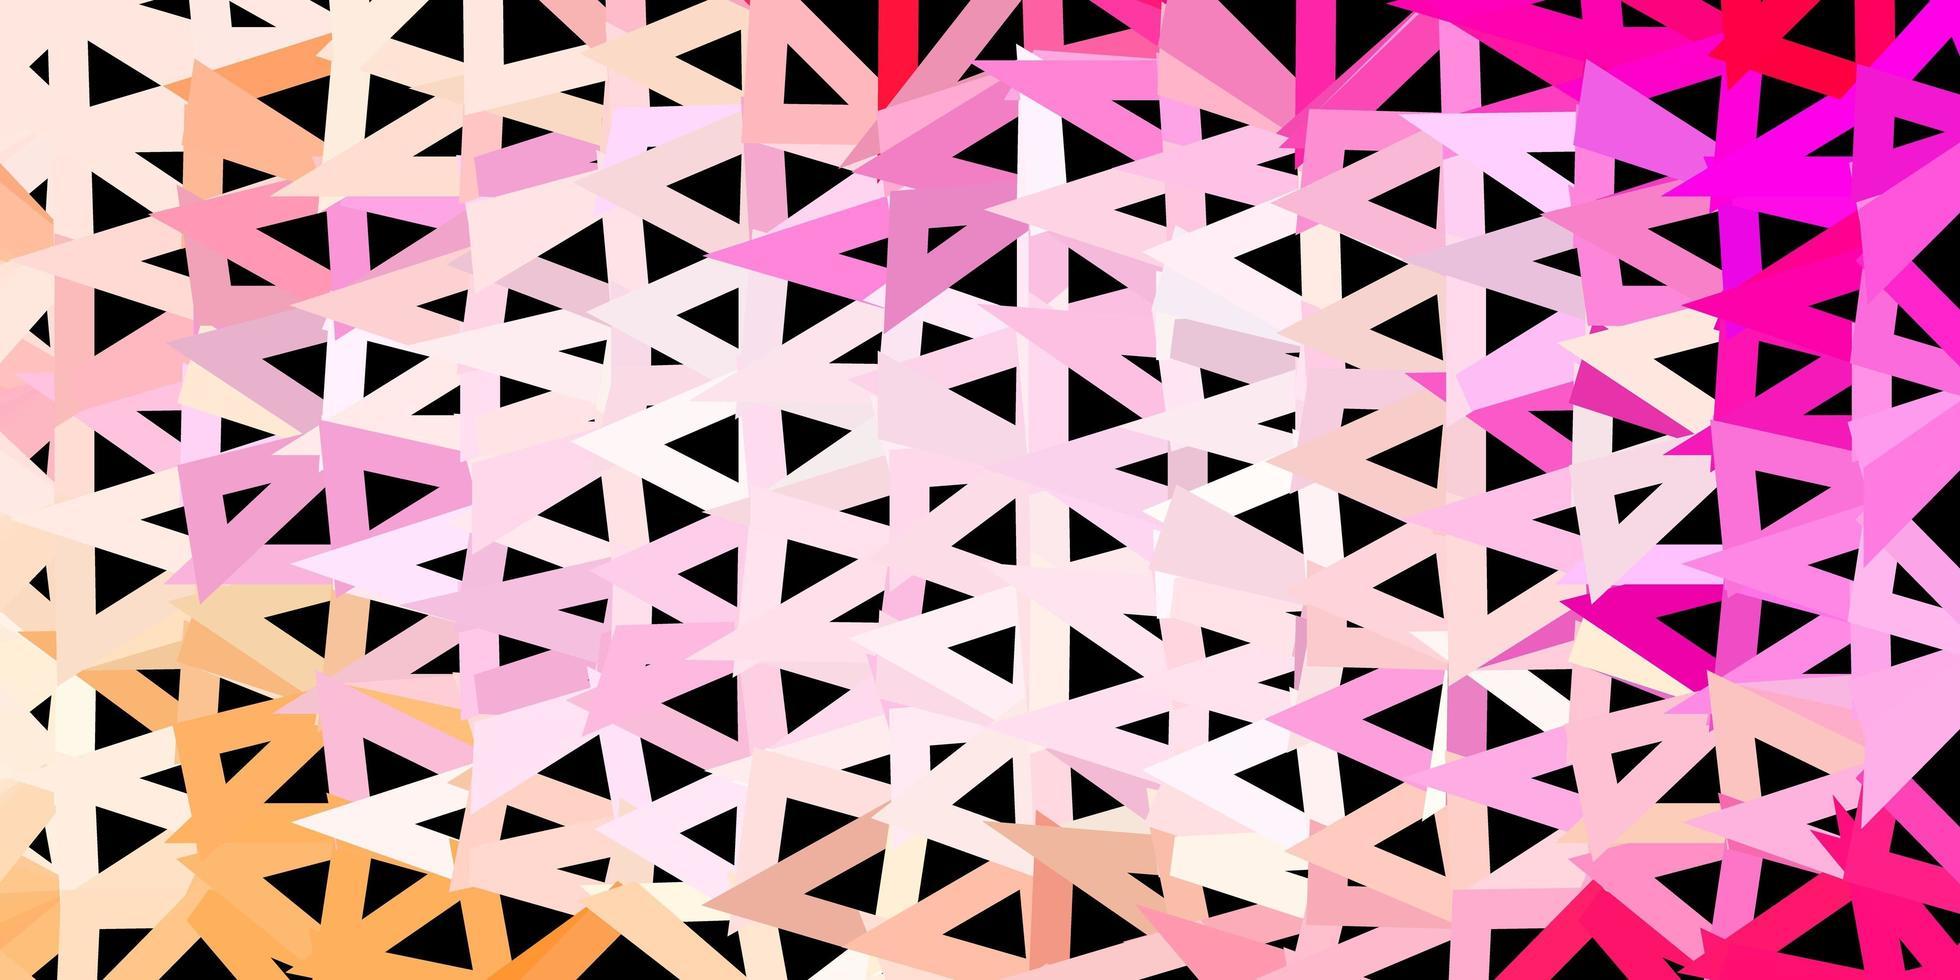 motif de triangle abstrait vecteur rose clair.